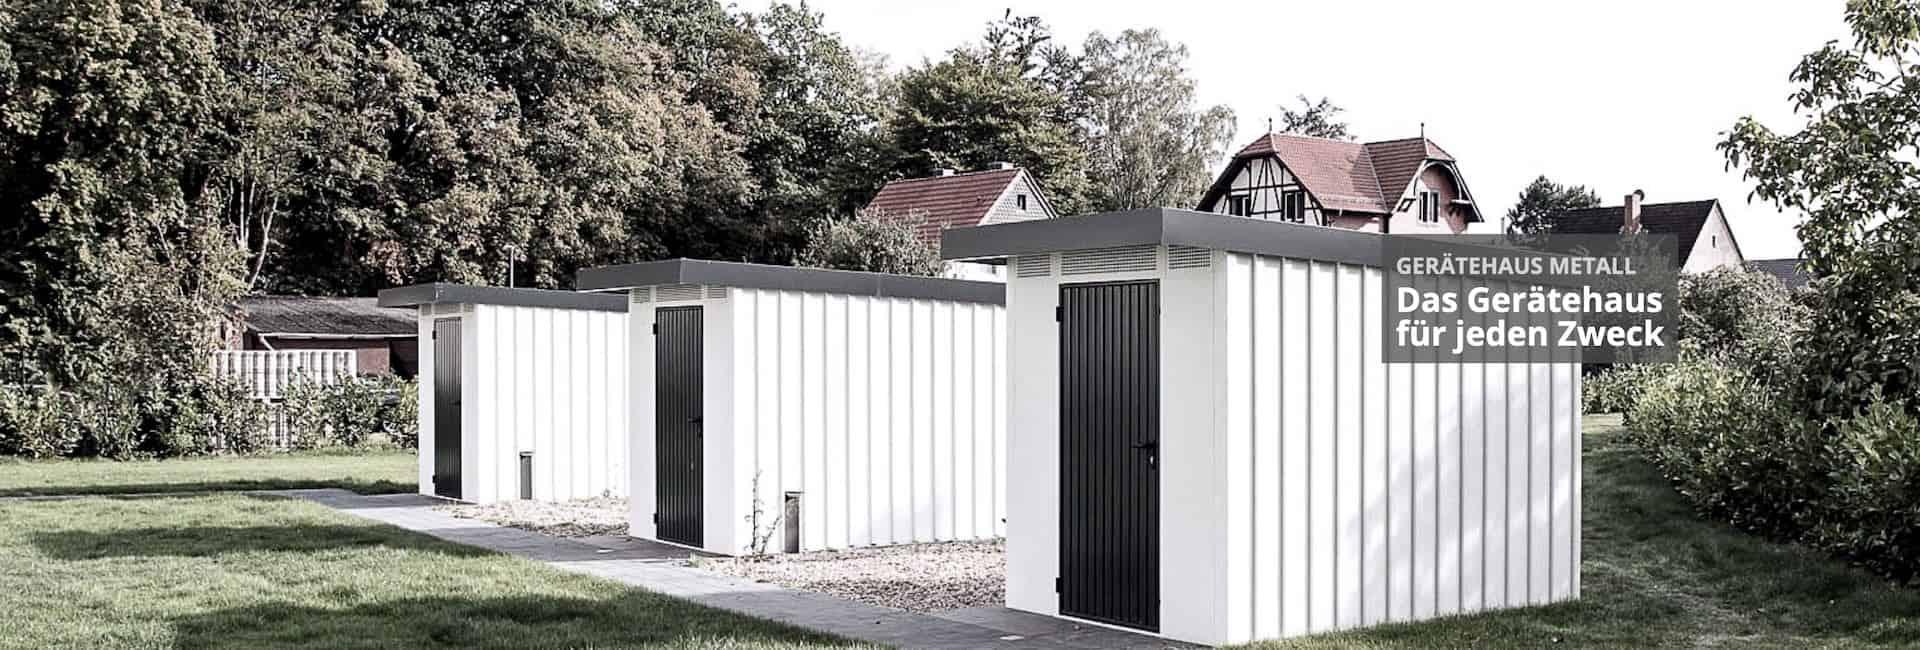 Gartenhaus Metall